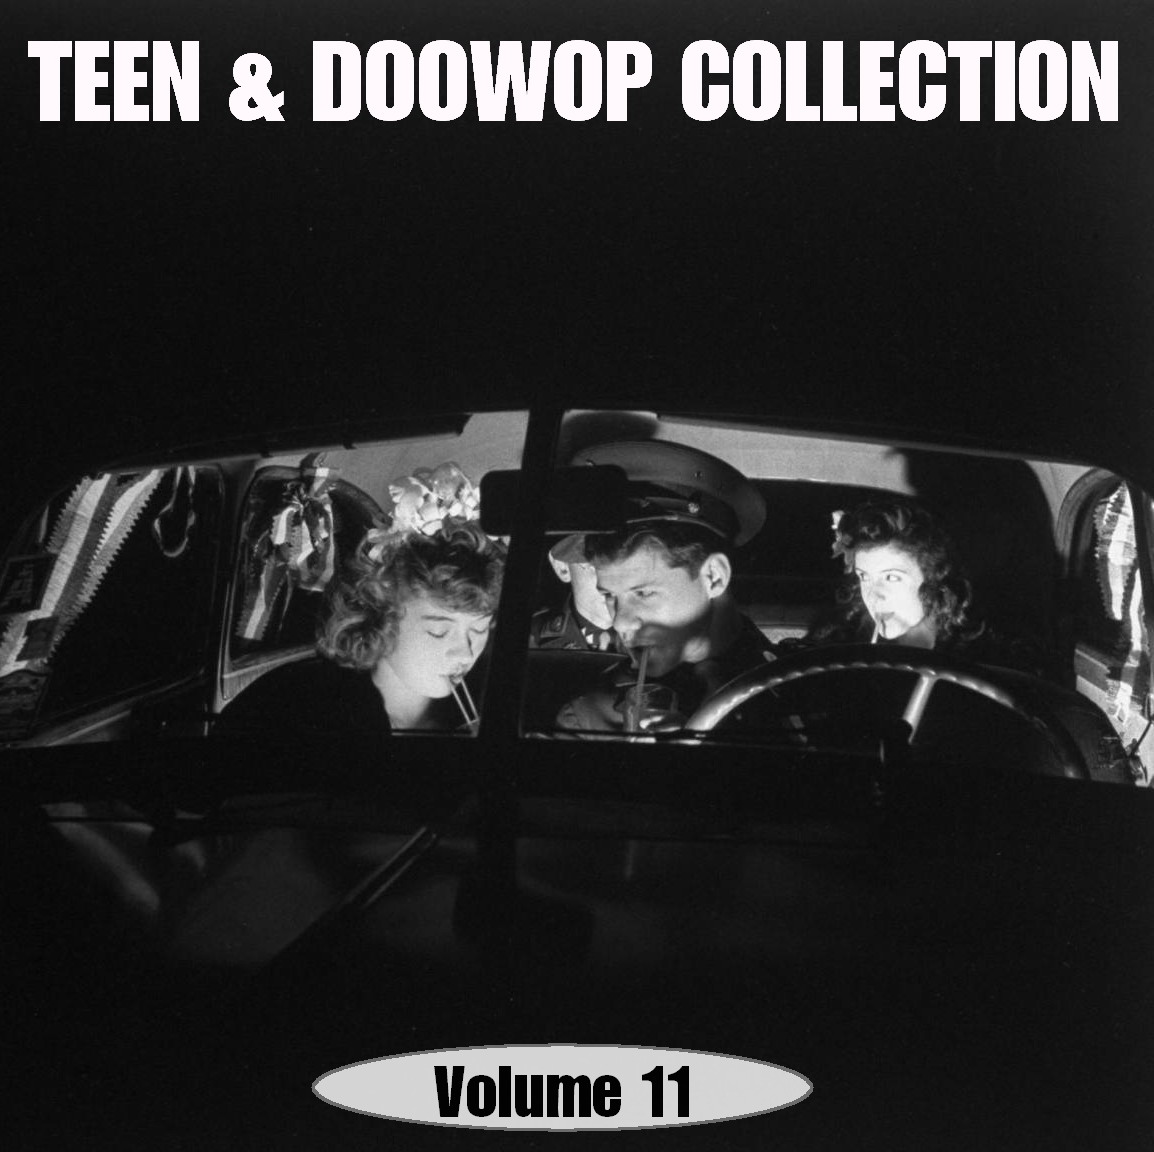 Boptown Teen Doowop Collection